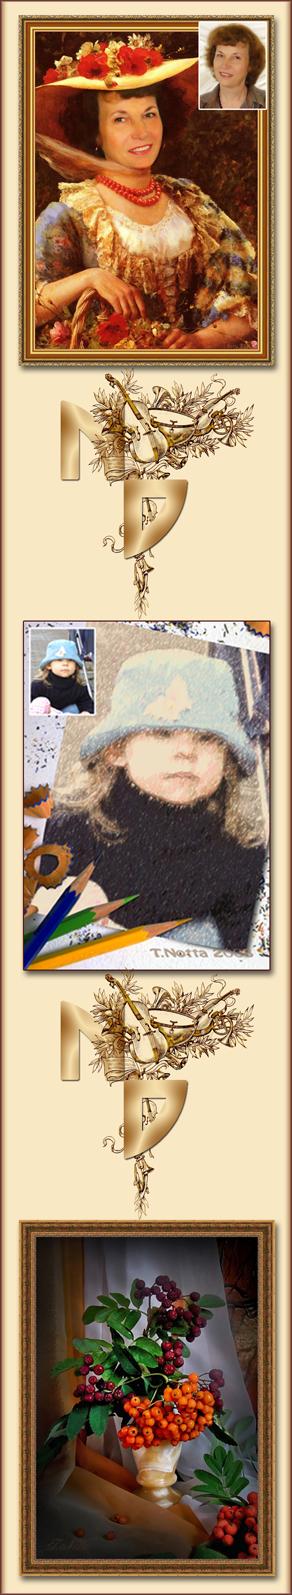 Фотоколлаж, стилизация фото под живопись, натюрморт